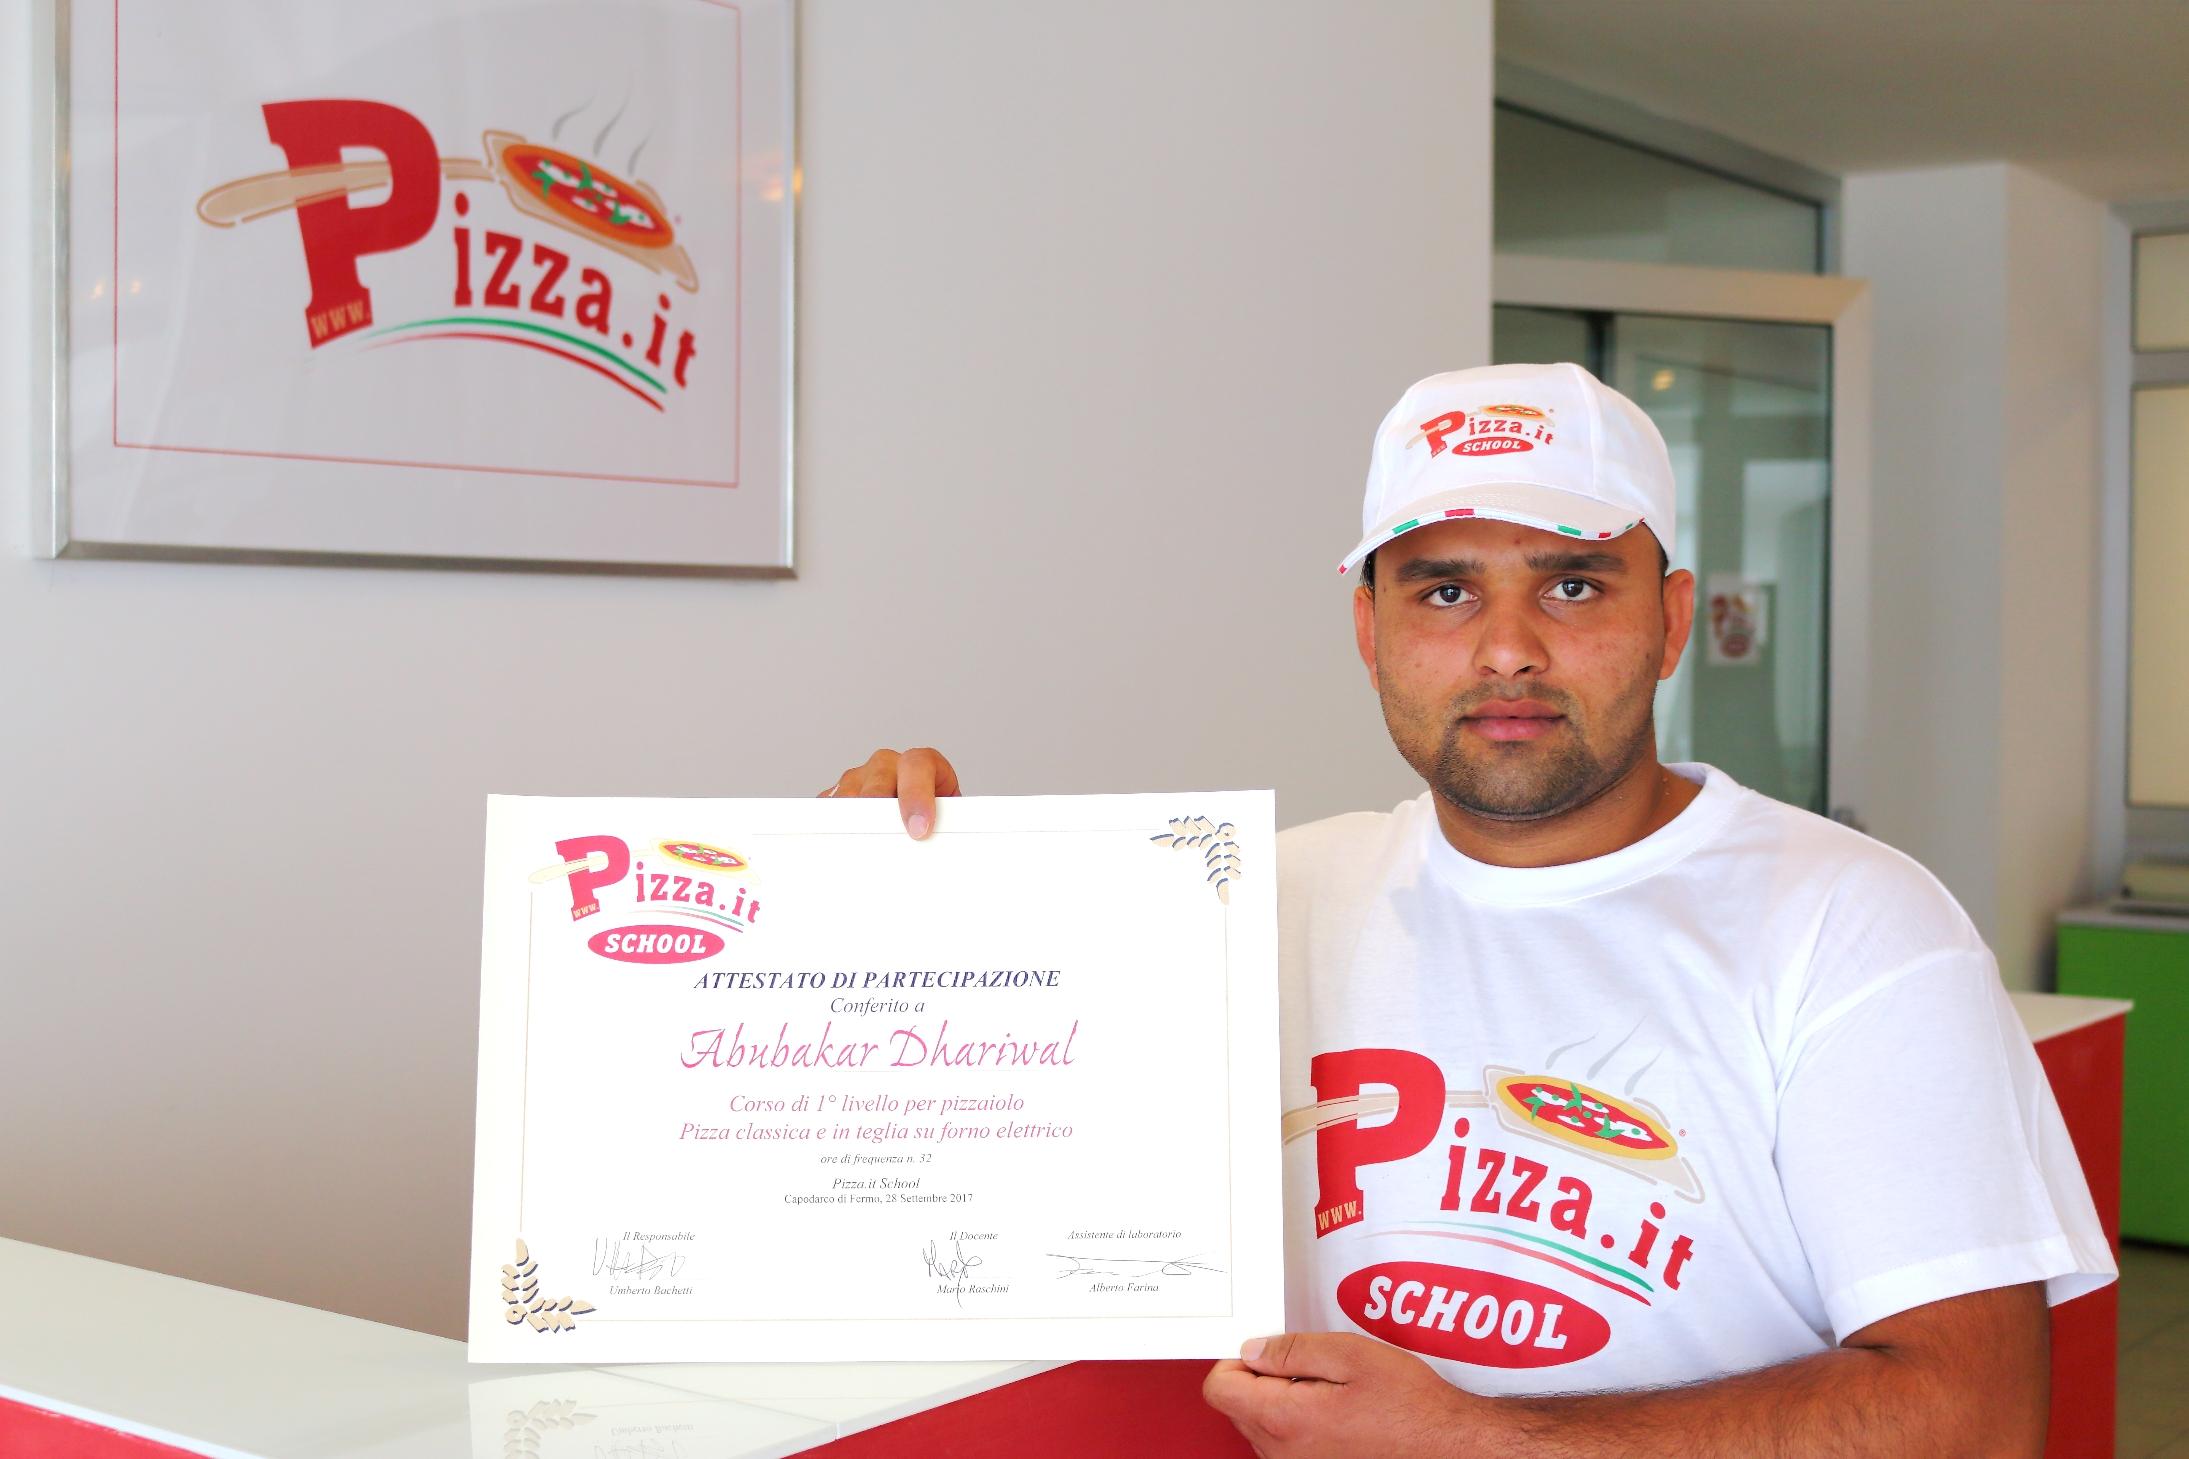 Abubakar Dhariwal - Pizza.it School